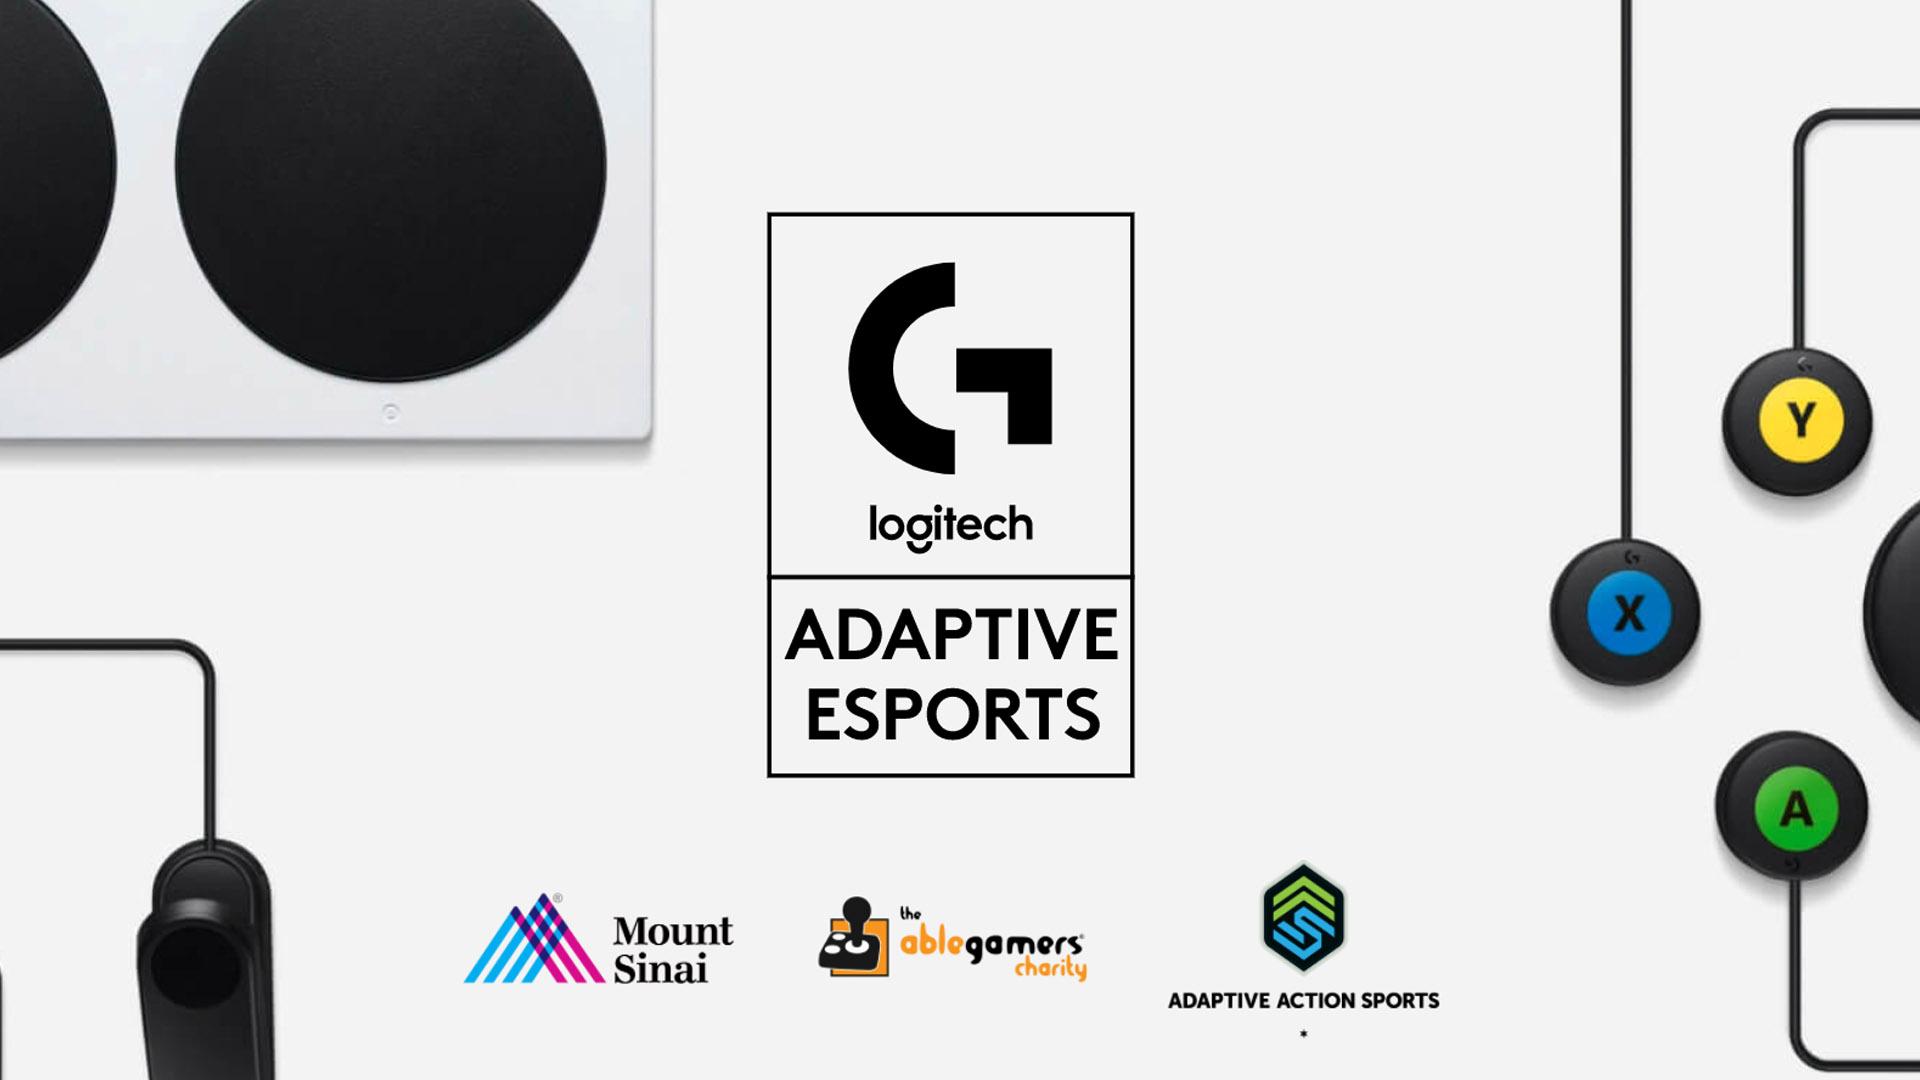 logitech adaptive esports